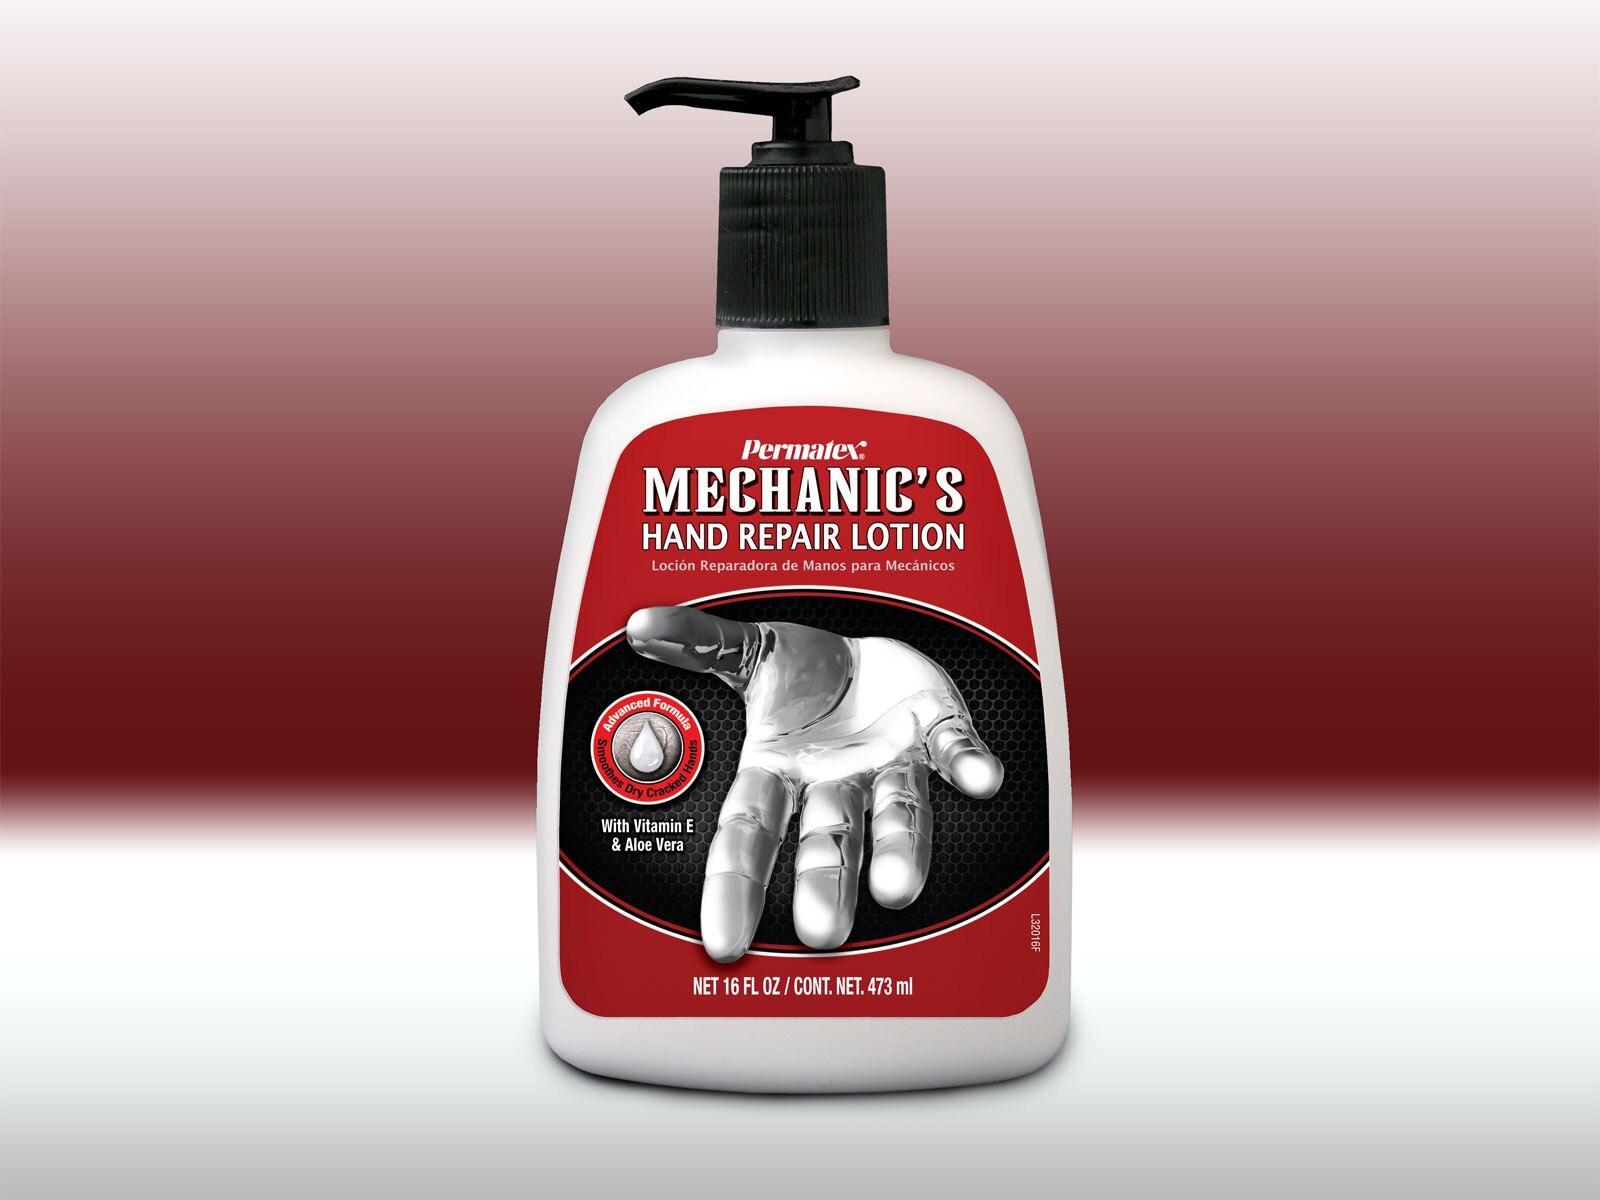 1205-lrmp-01-o-permatex-mechanics-hand-repair-lotion1